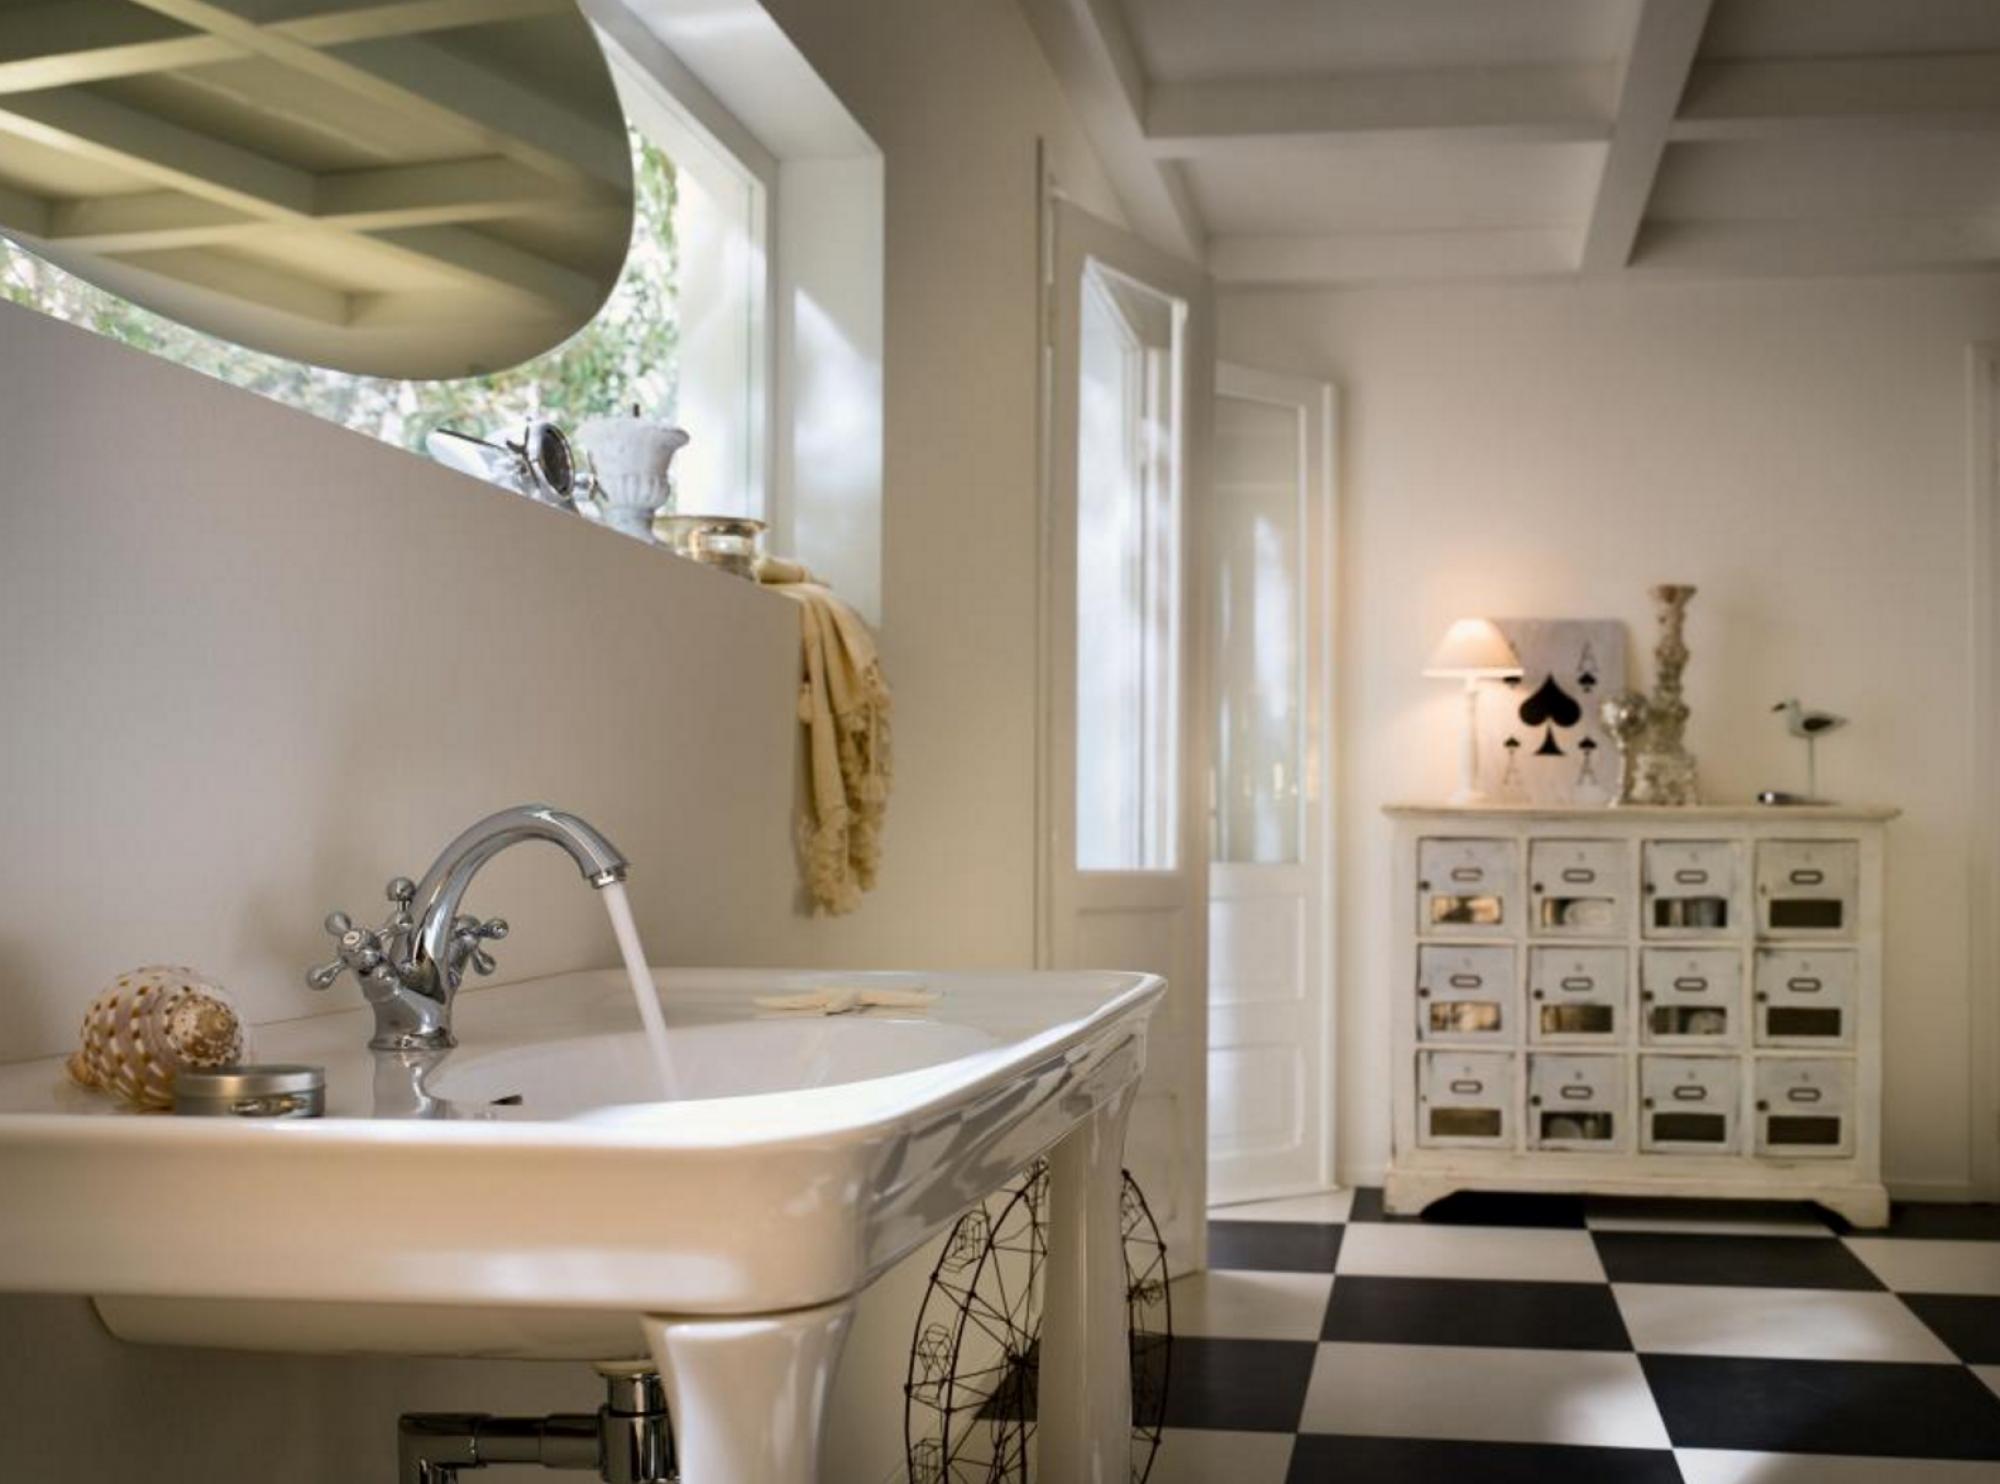 Magasin Salle De Bain Aix Les Milles ~ m langeur bain douche pour baignoire aix en provence carrelage